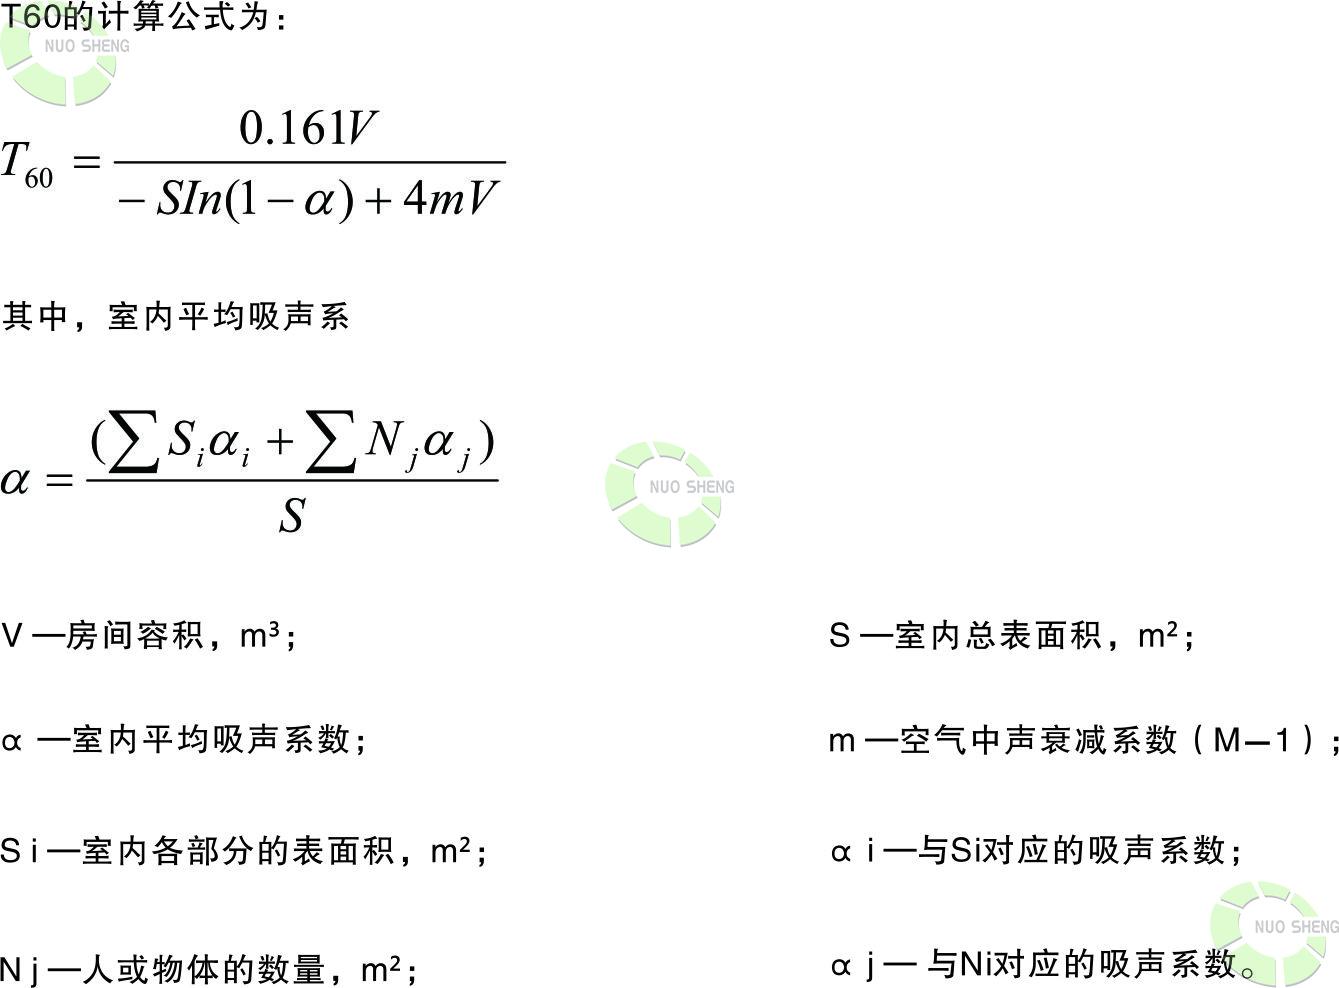 混响时间计算公式